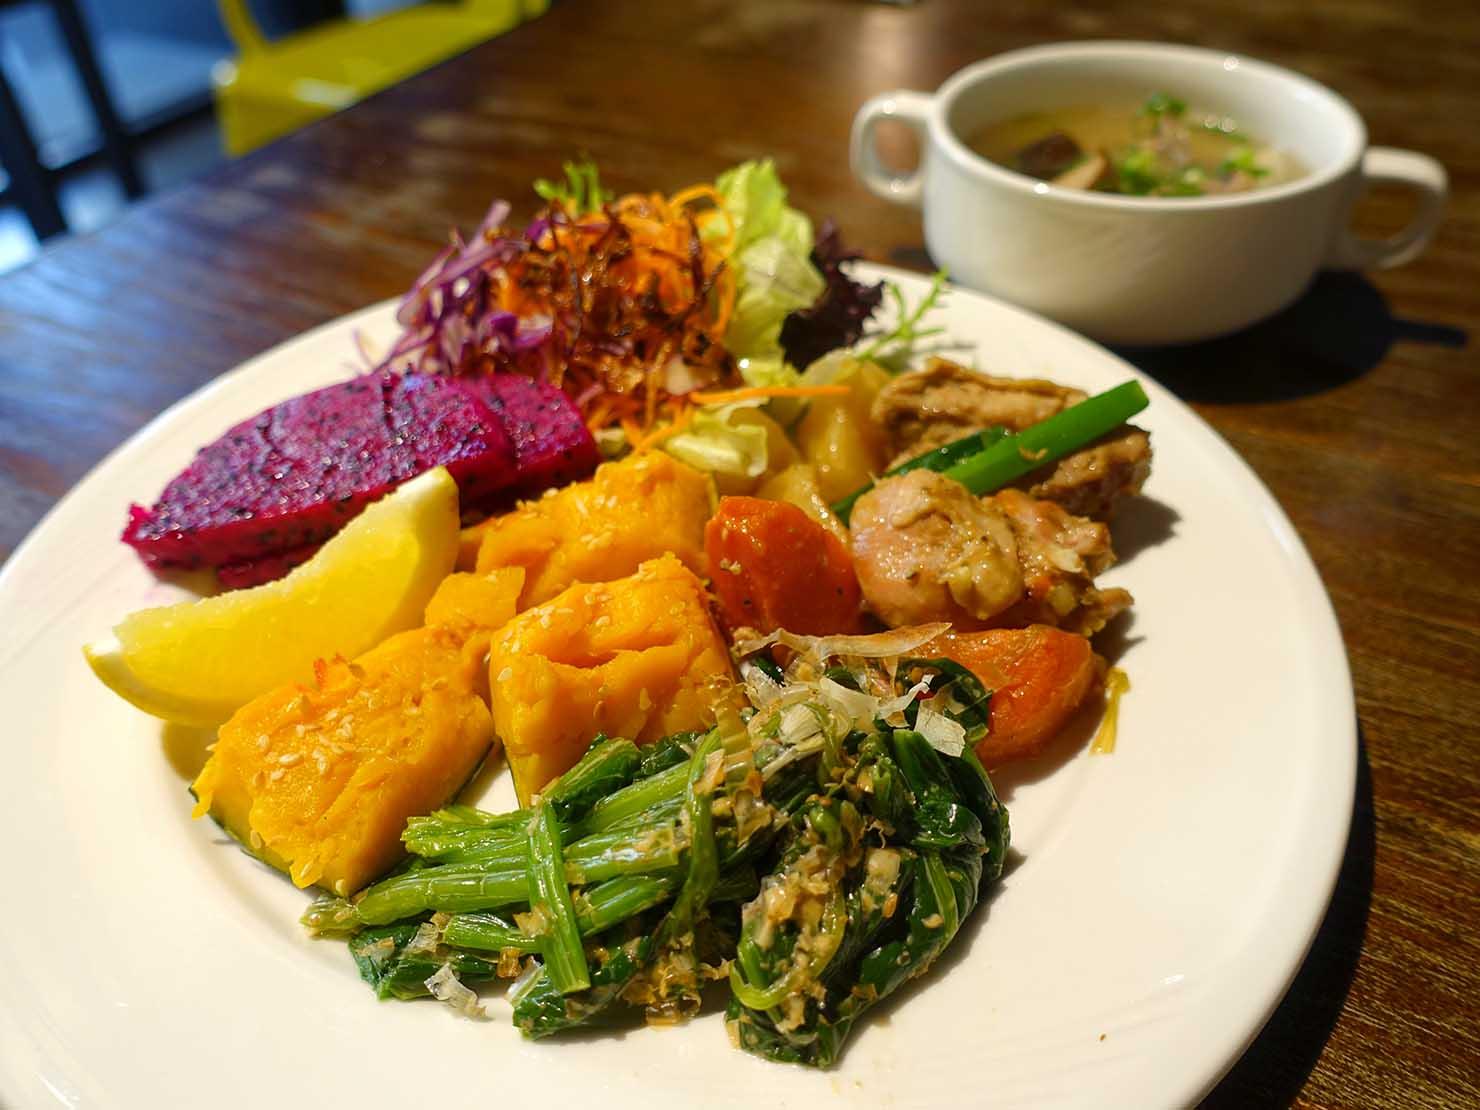 高雄市内観光におすすめのホテル「GREET INN 喜迎旅店」の朝食ビュッフェ